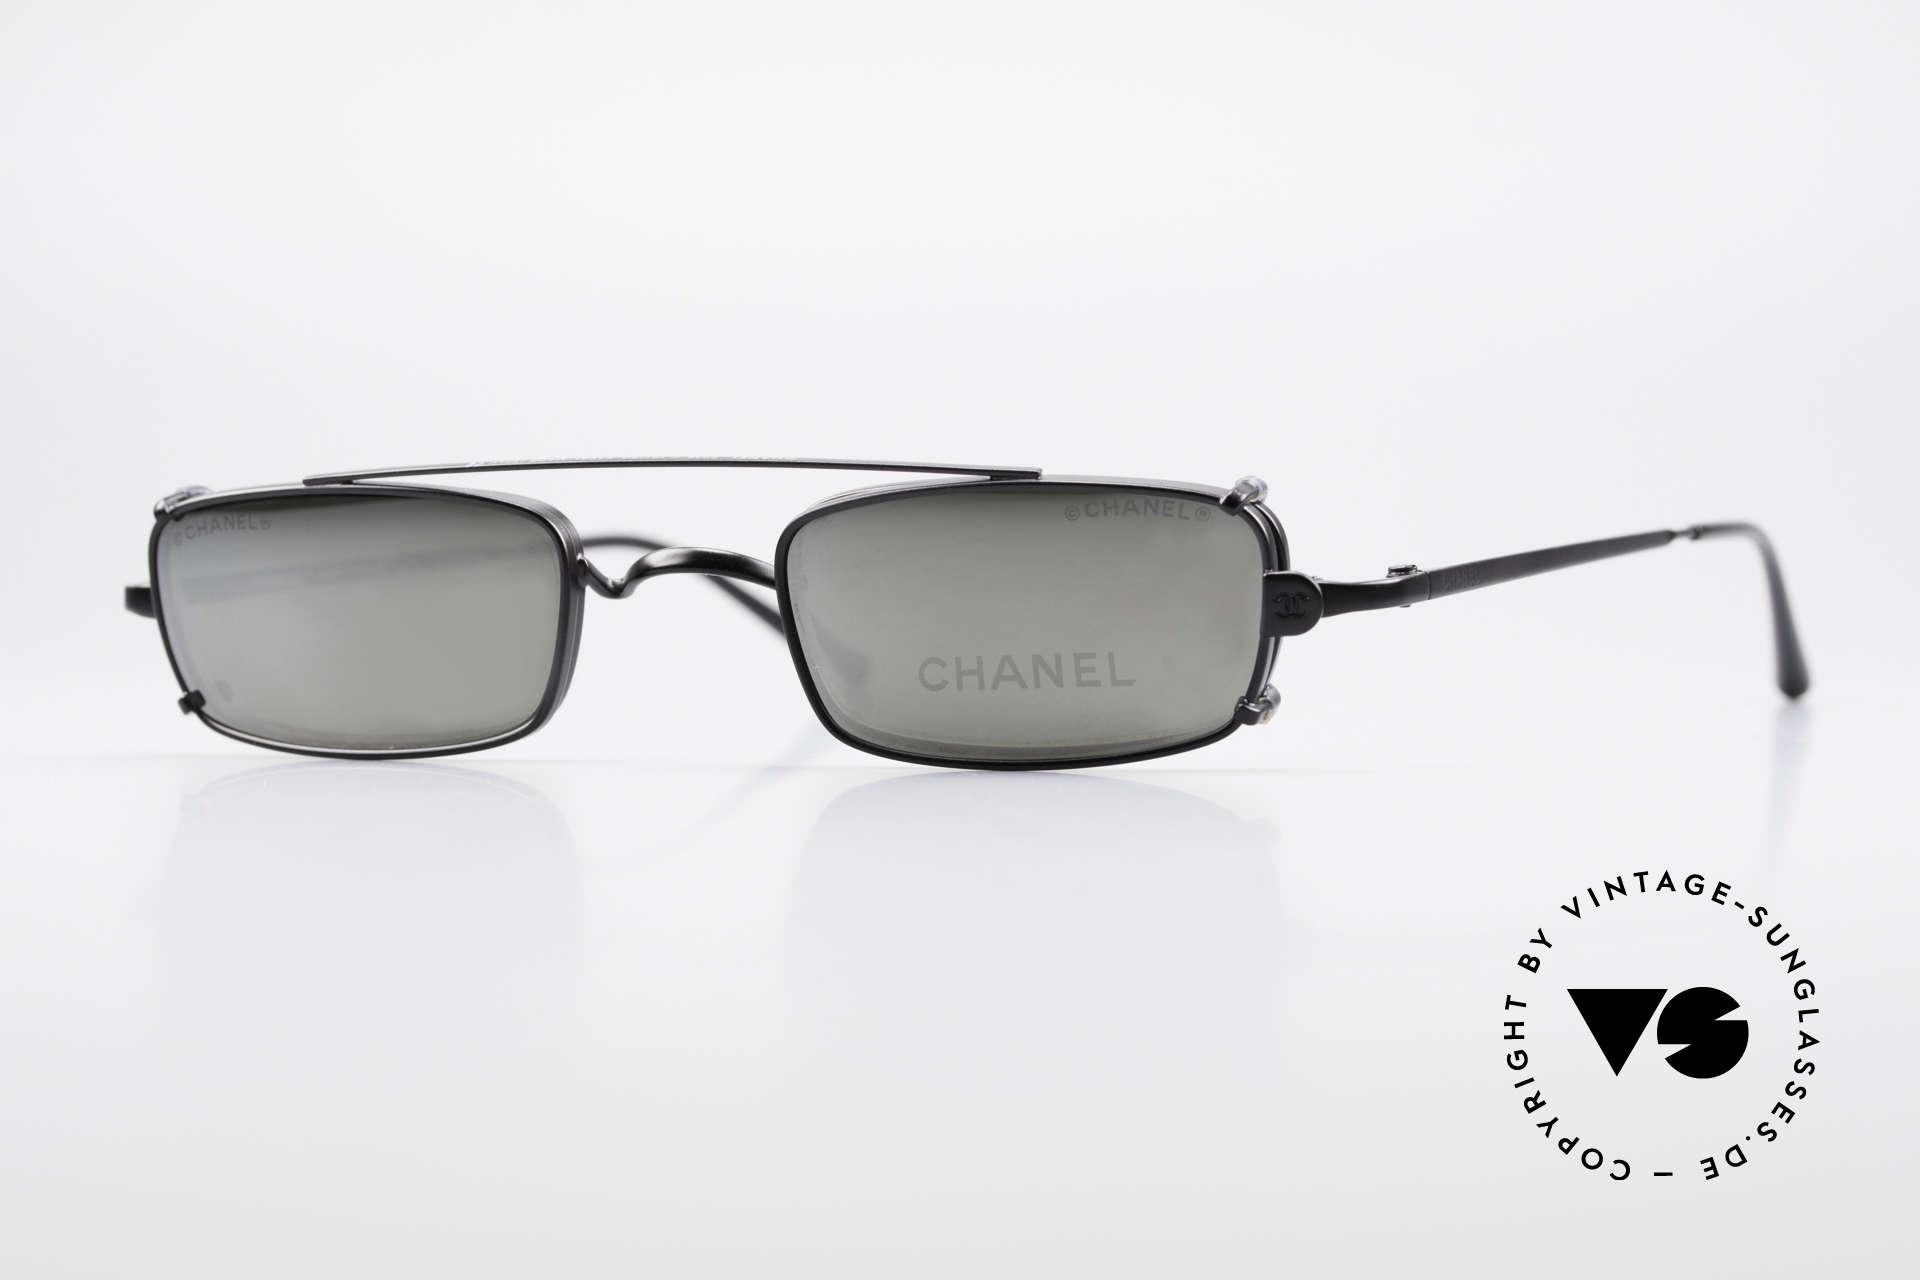 Chanel 2038 Luxus Brille Eckig Sonnenclip, CHANEL Brille 2038, Größe 43-21, 135 in Farbe c101, Passend für Herren und Damen